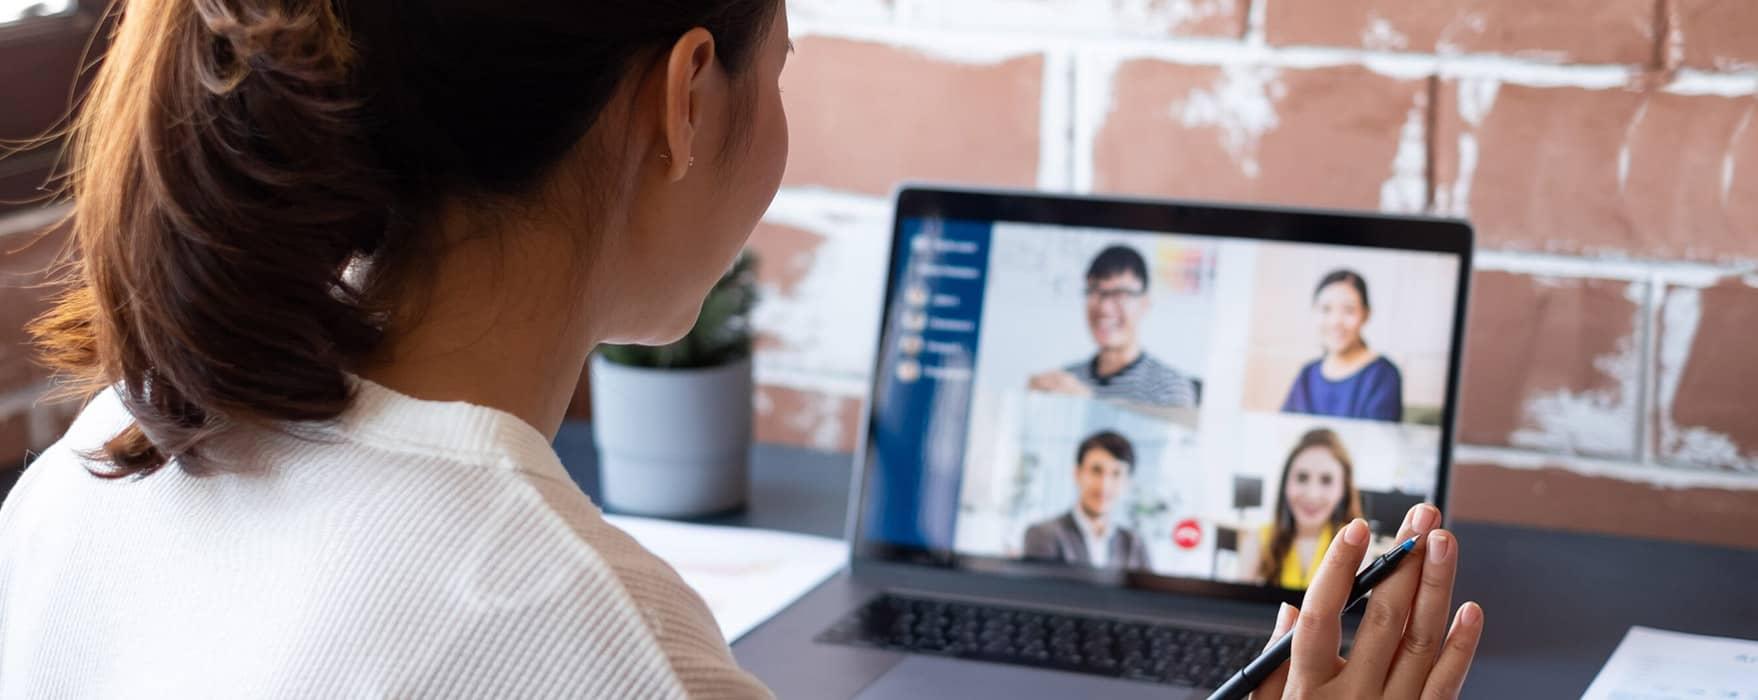 An interviewer using video interviewing software